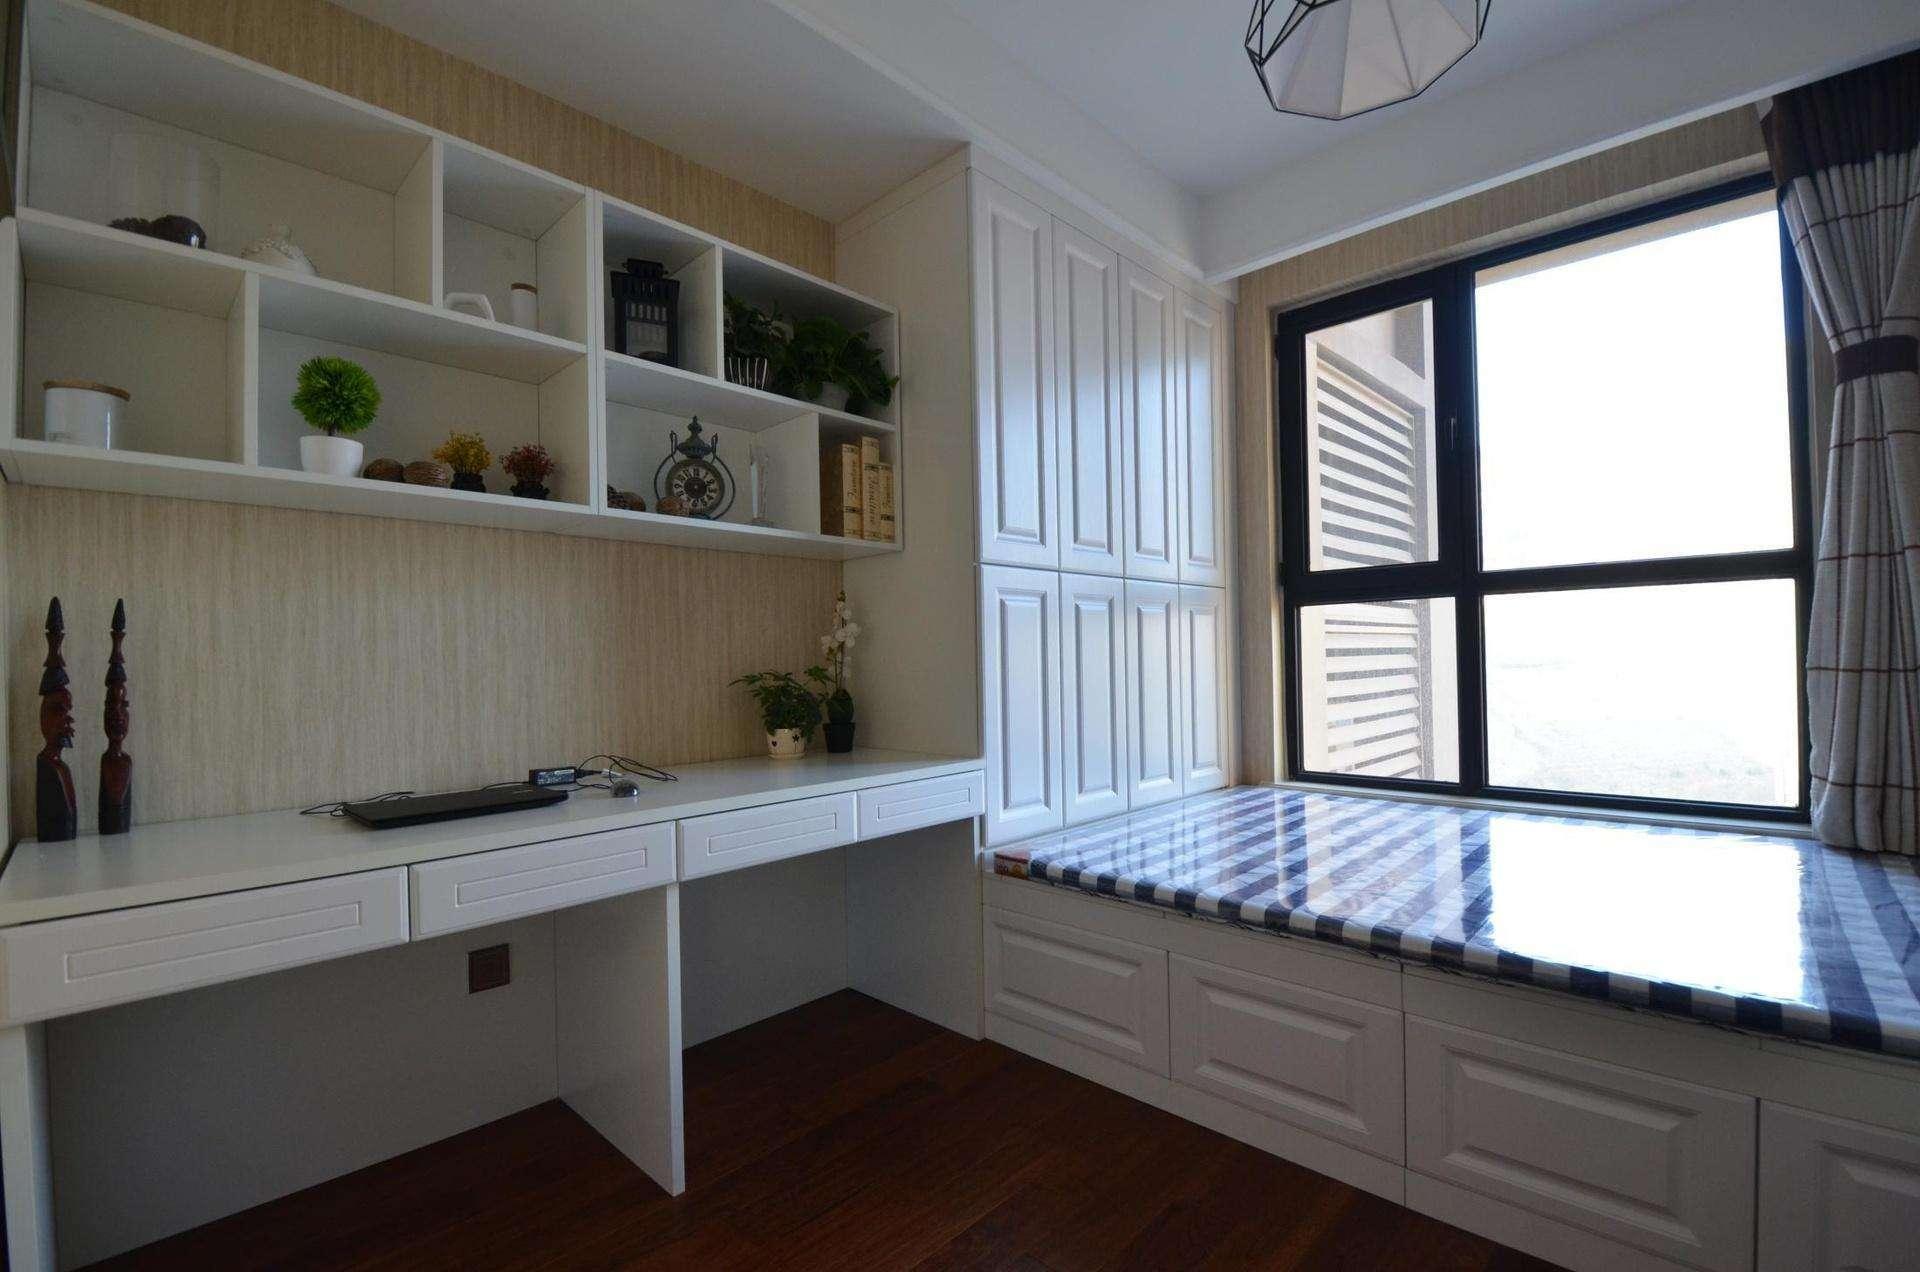 两阳台客厅餐厅厨房一体装修效果图